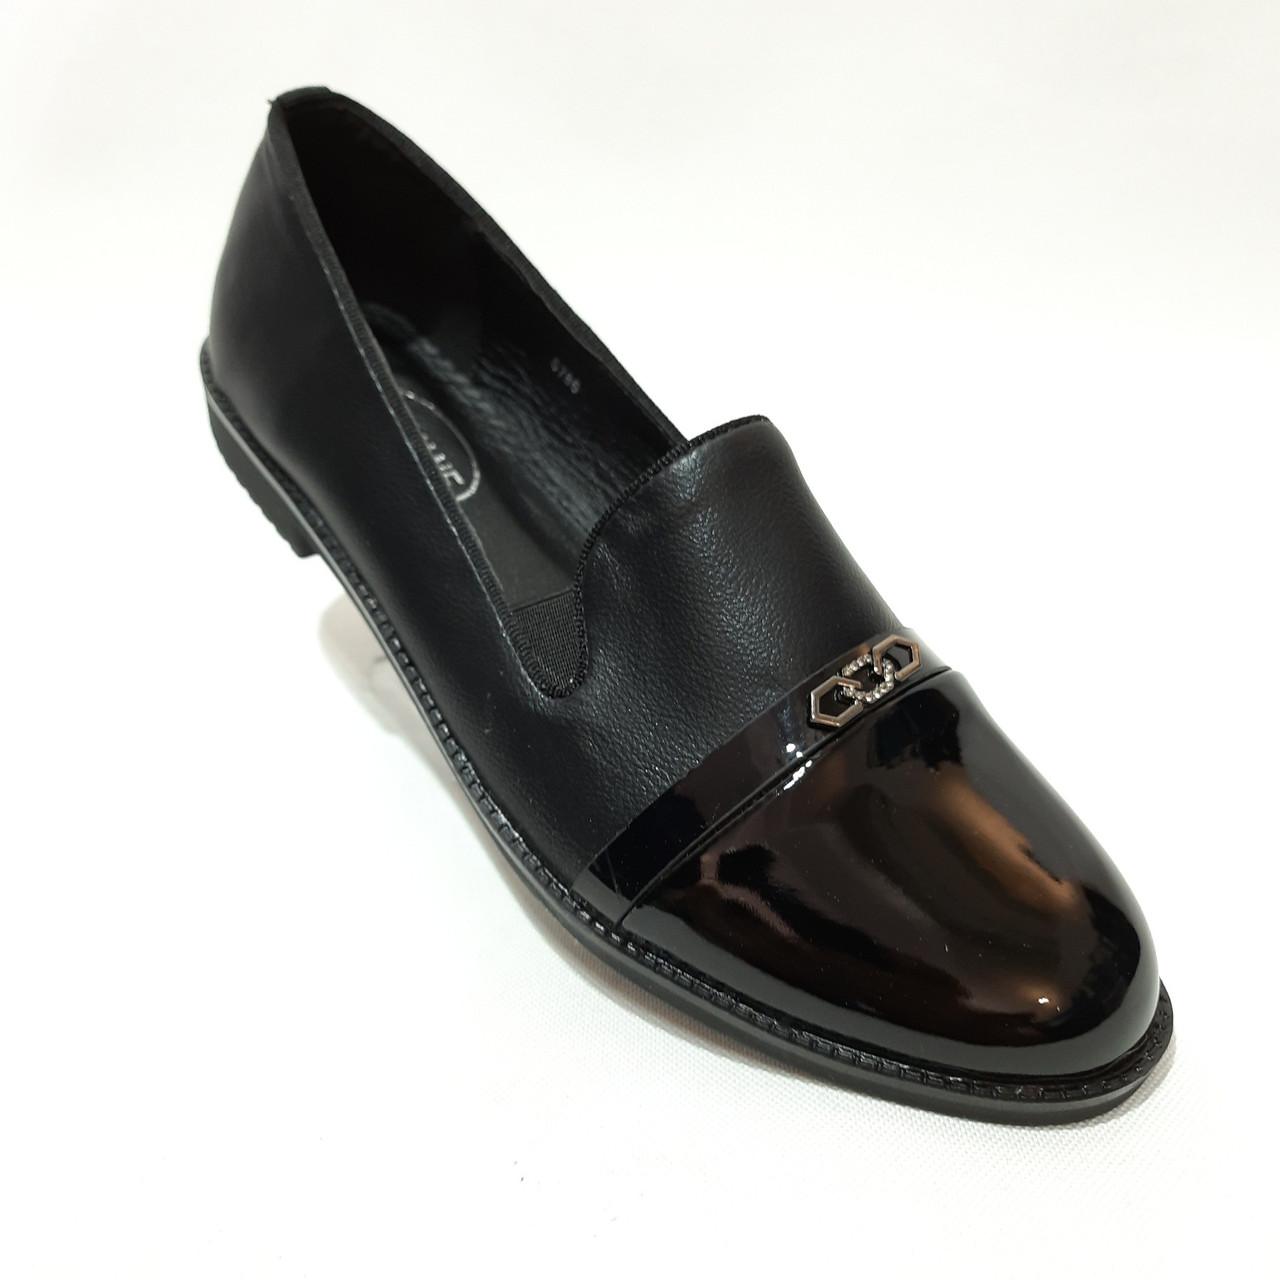 38,39 р. Туфли женские весенние открытые с лаковым носком молодёжные